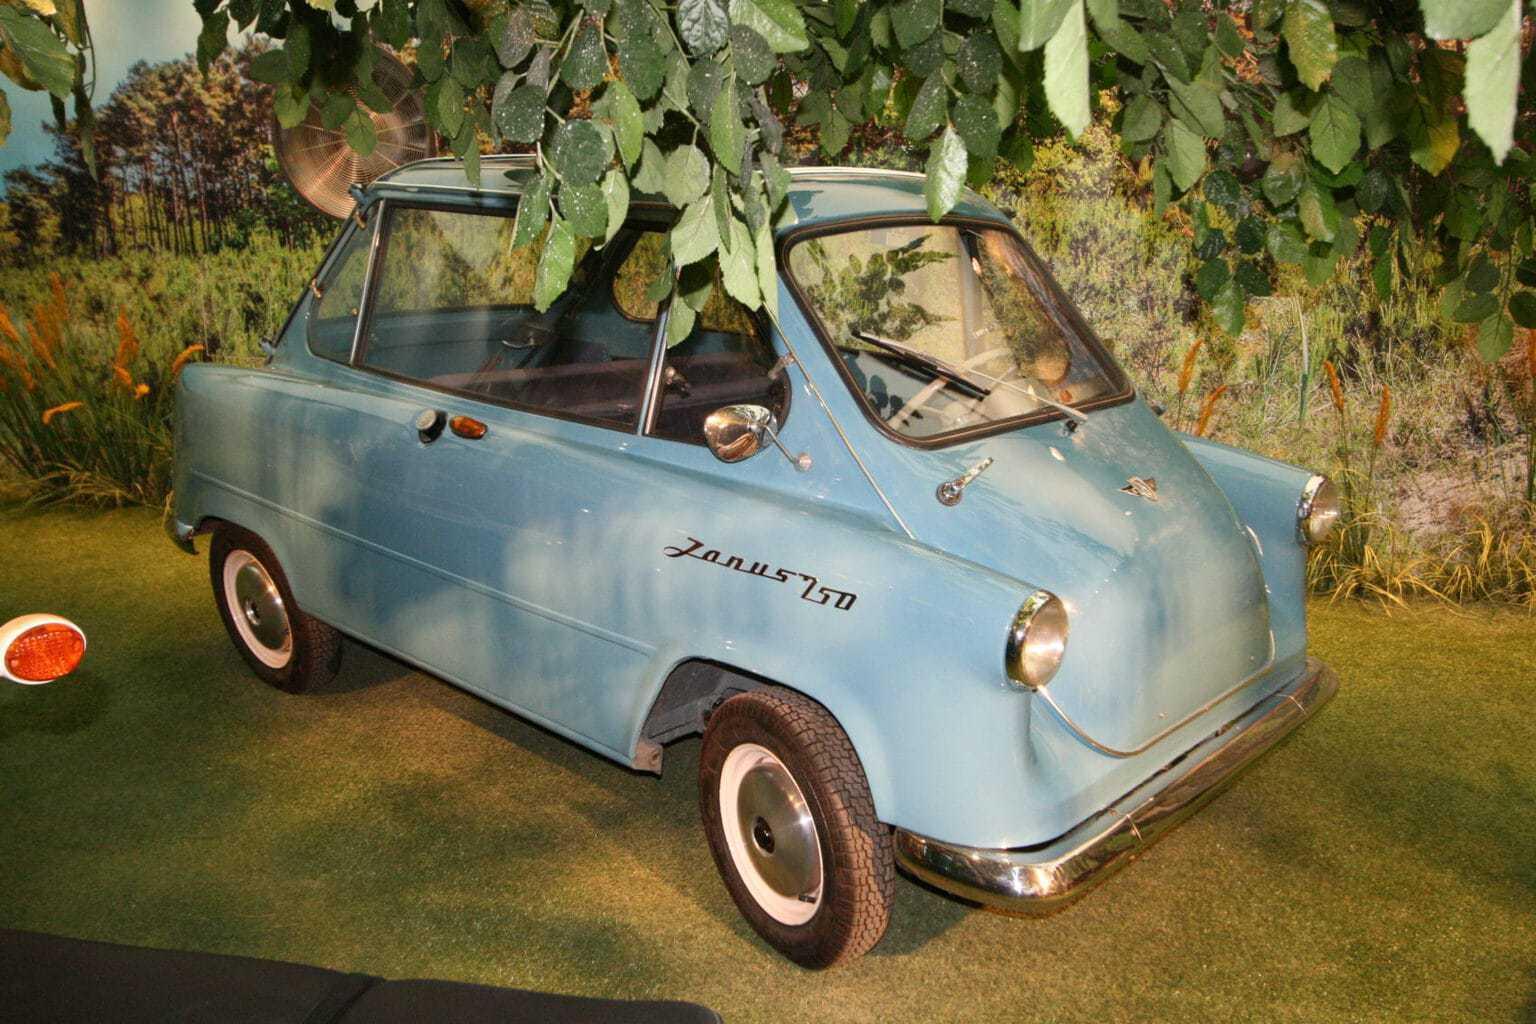 Een Zanus in het automobielmuseum in Einbeck